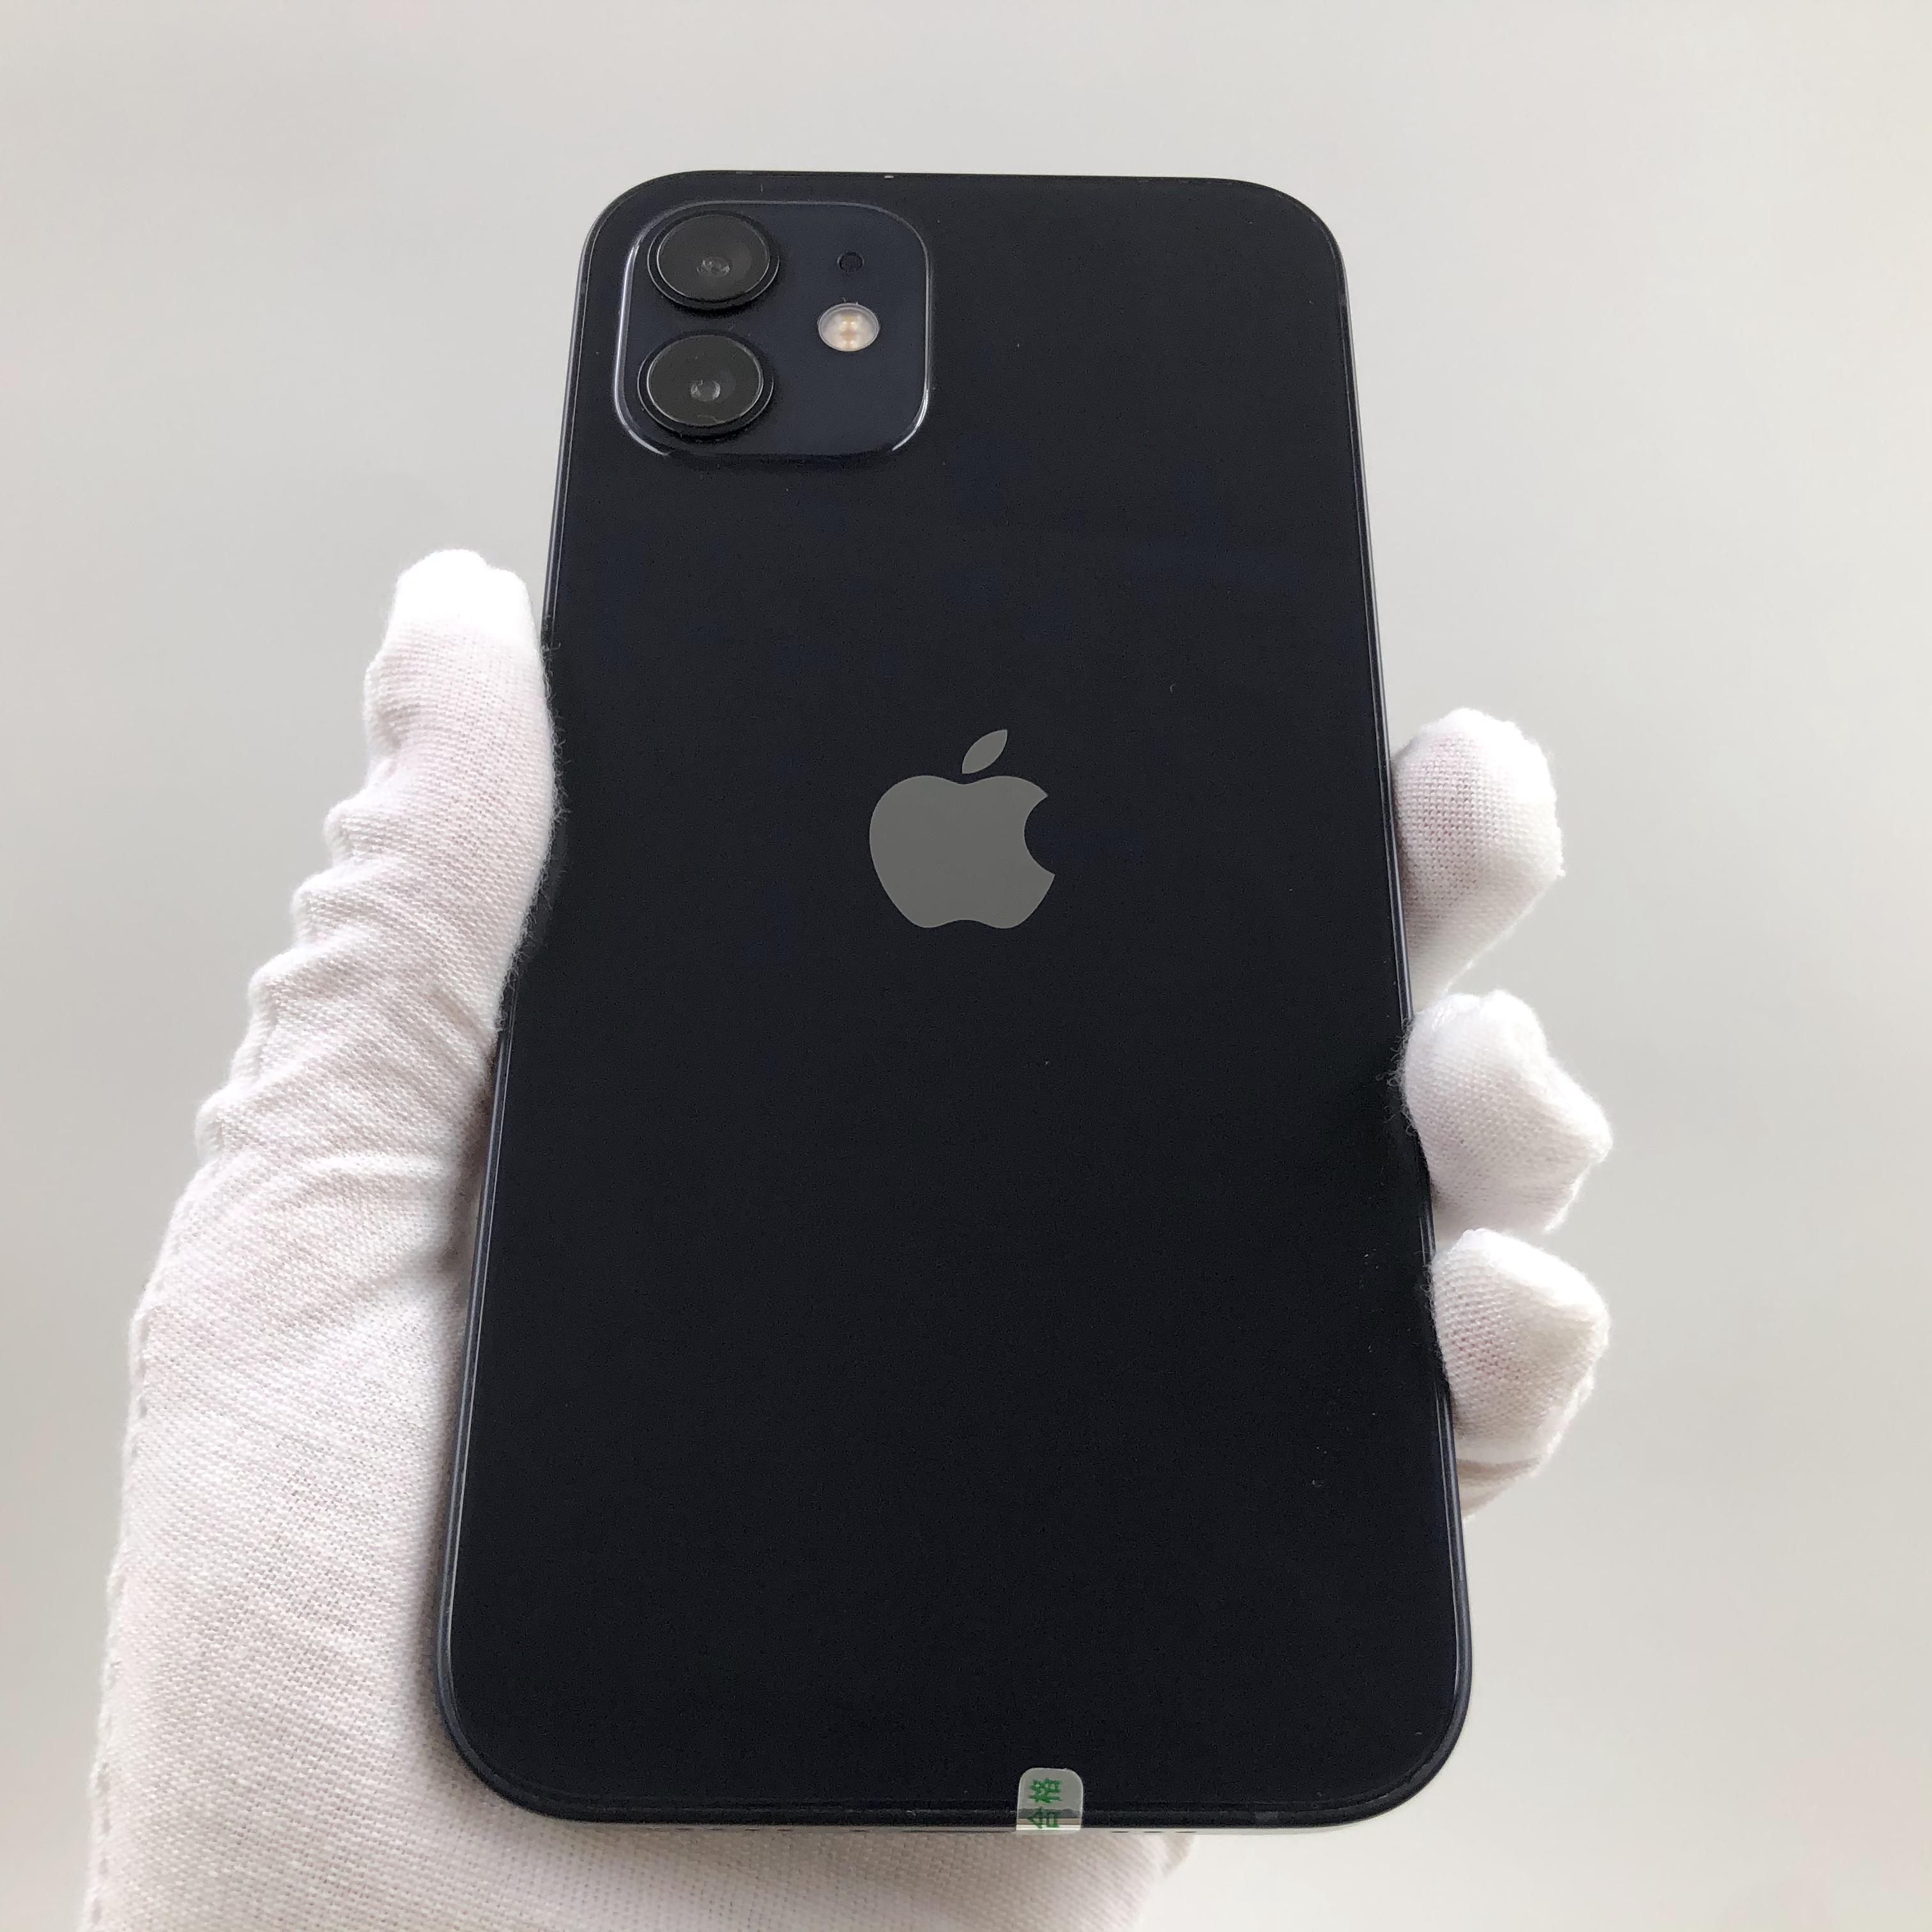 苹果【iPhone 12】5G全网通 黑色 128G 国行 99新 真机实拍官保2021-11-13